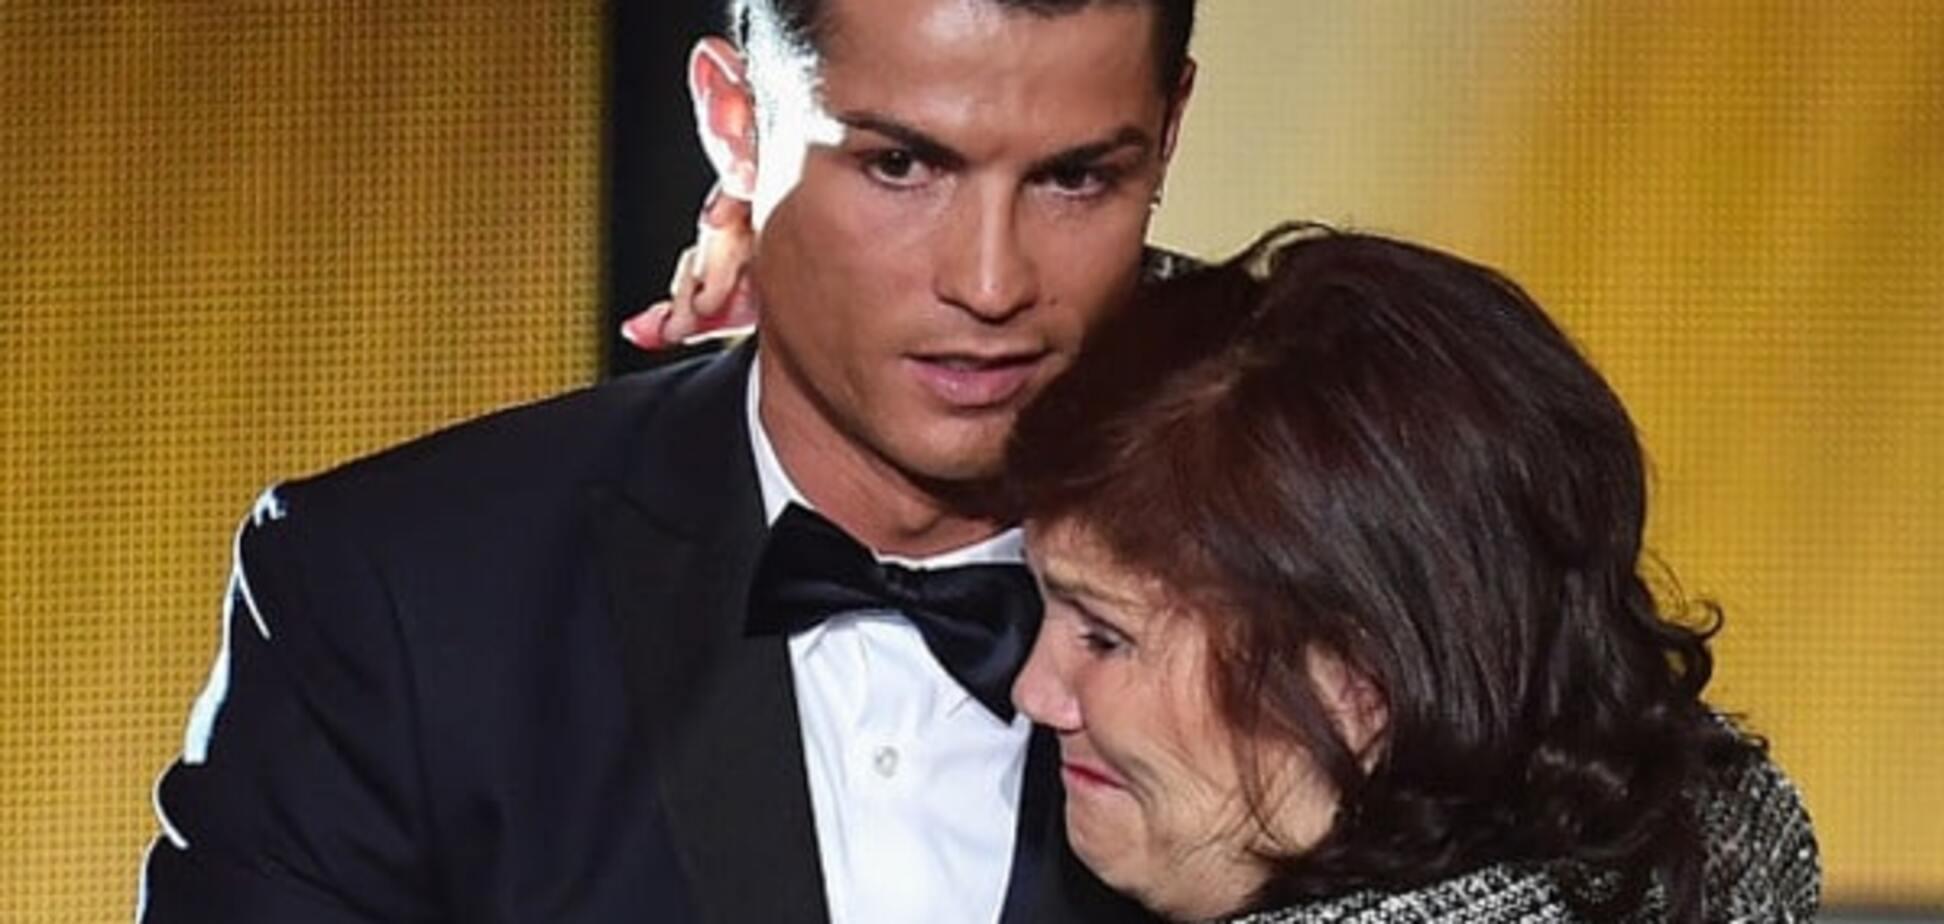 Роналду зробив мамі неймовірний сюрприз на день народження: фото подарунка